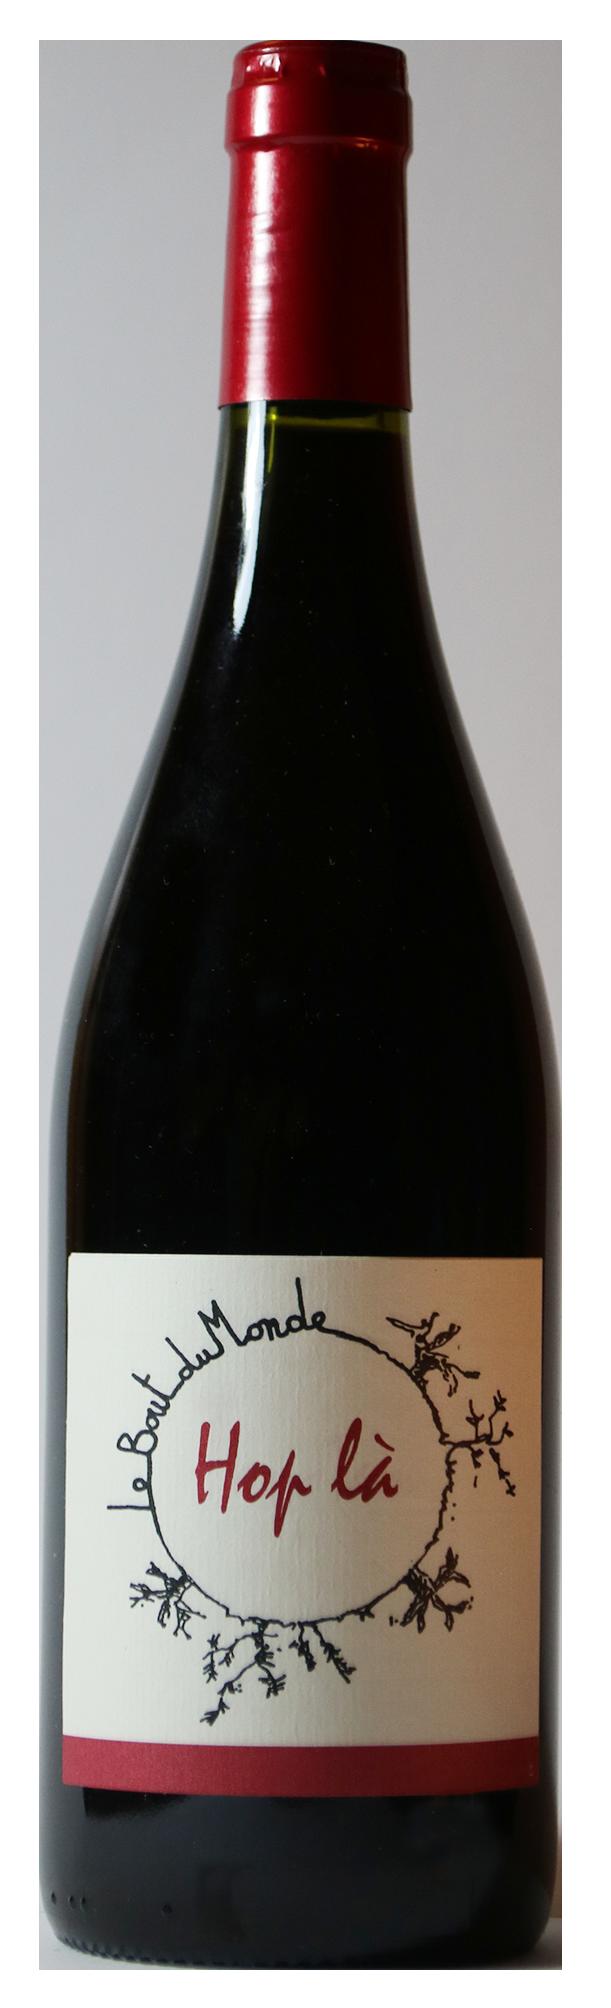 Bouteille de vin rouge naturel, cuvée Hop là 2018 Domaine du Bout du Monde